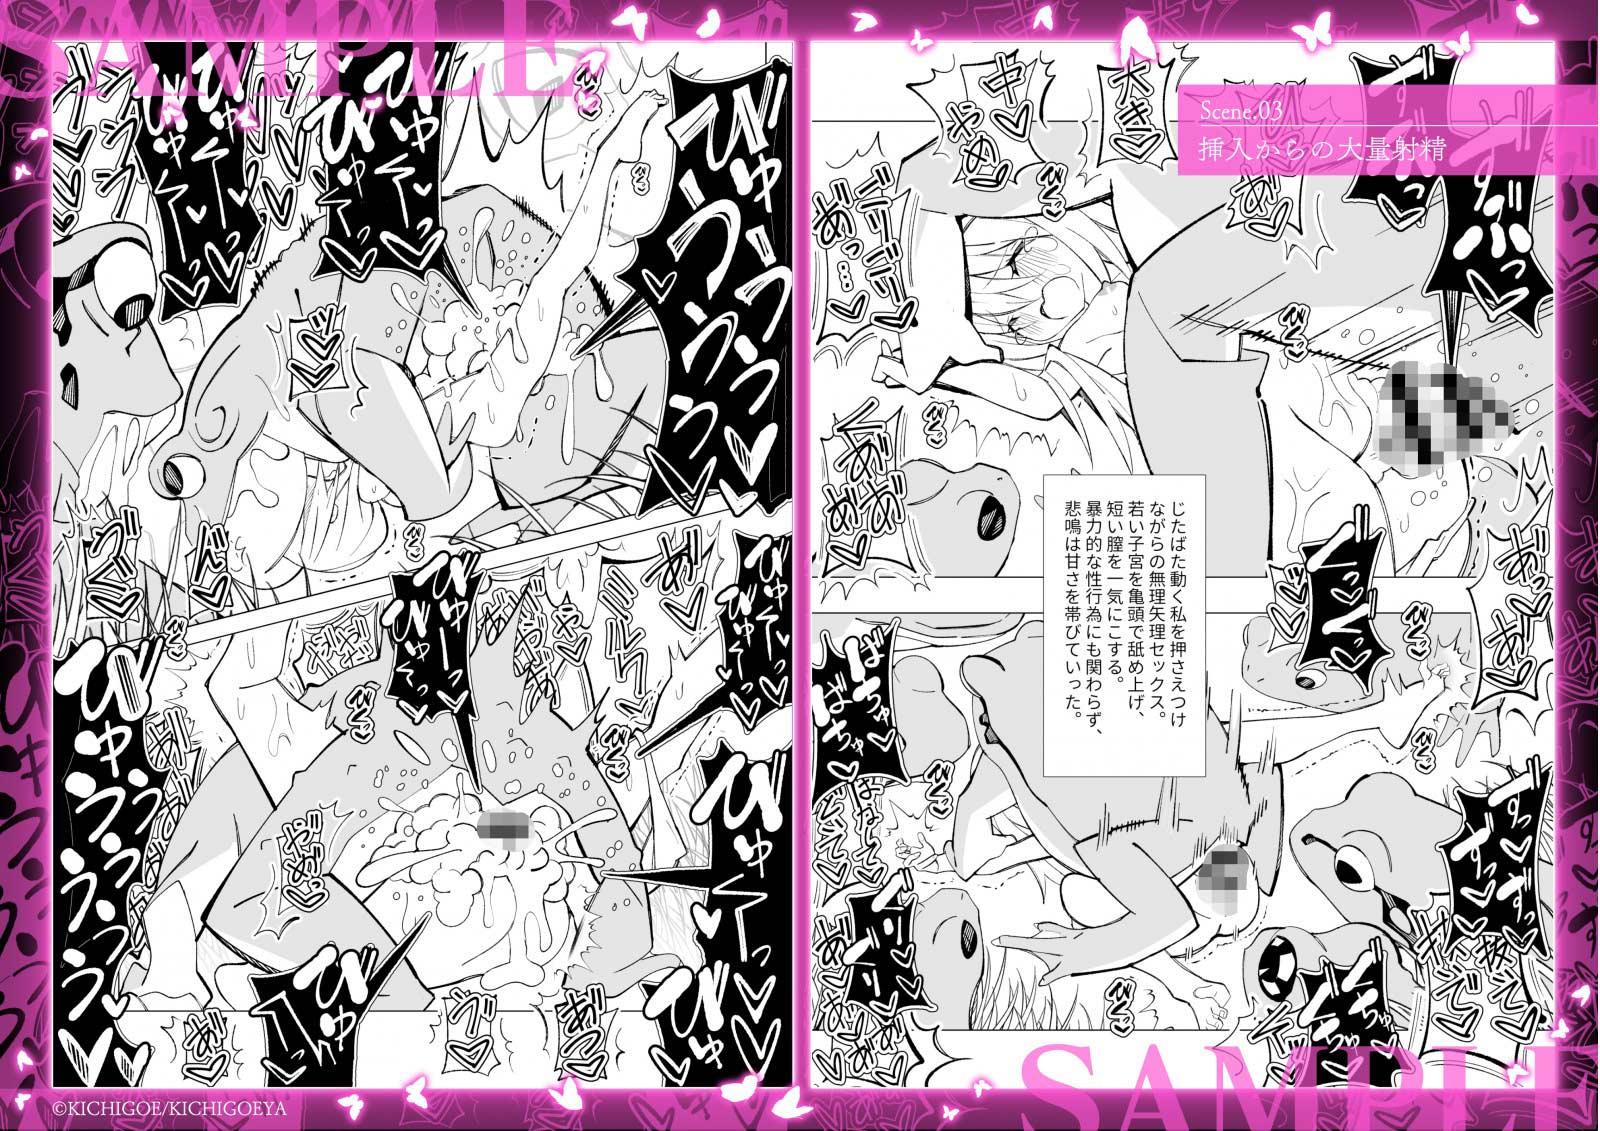 異種姦風俗街(2) カエル×ロリのサンプル画像4